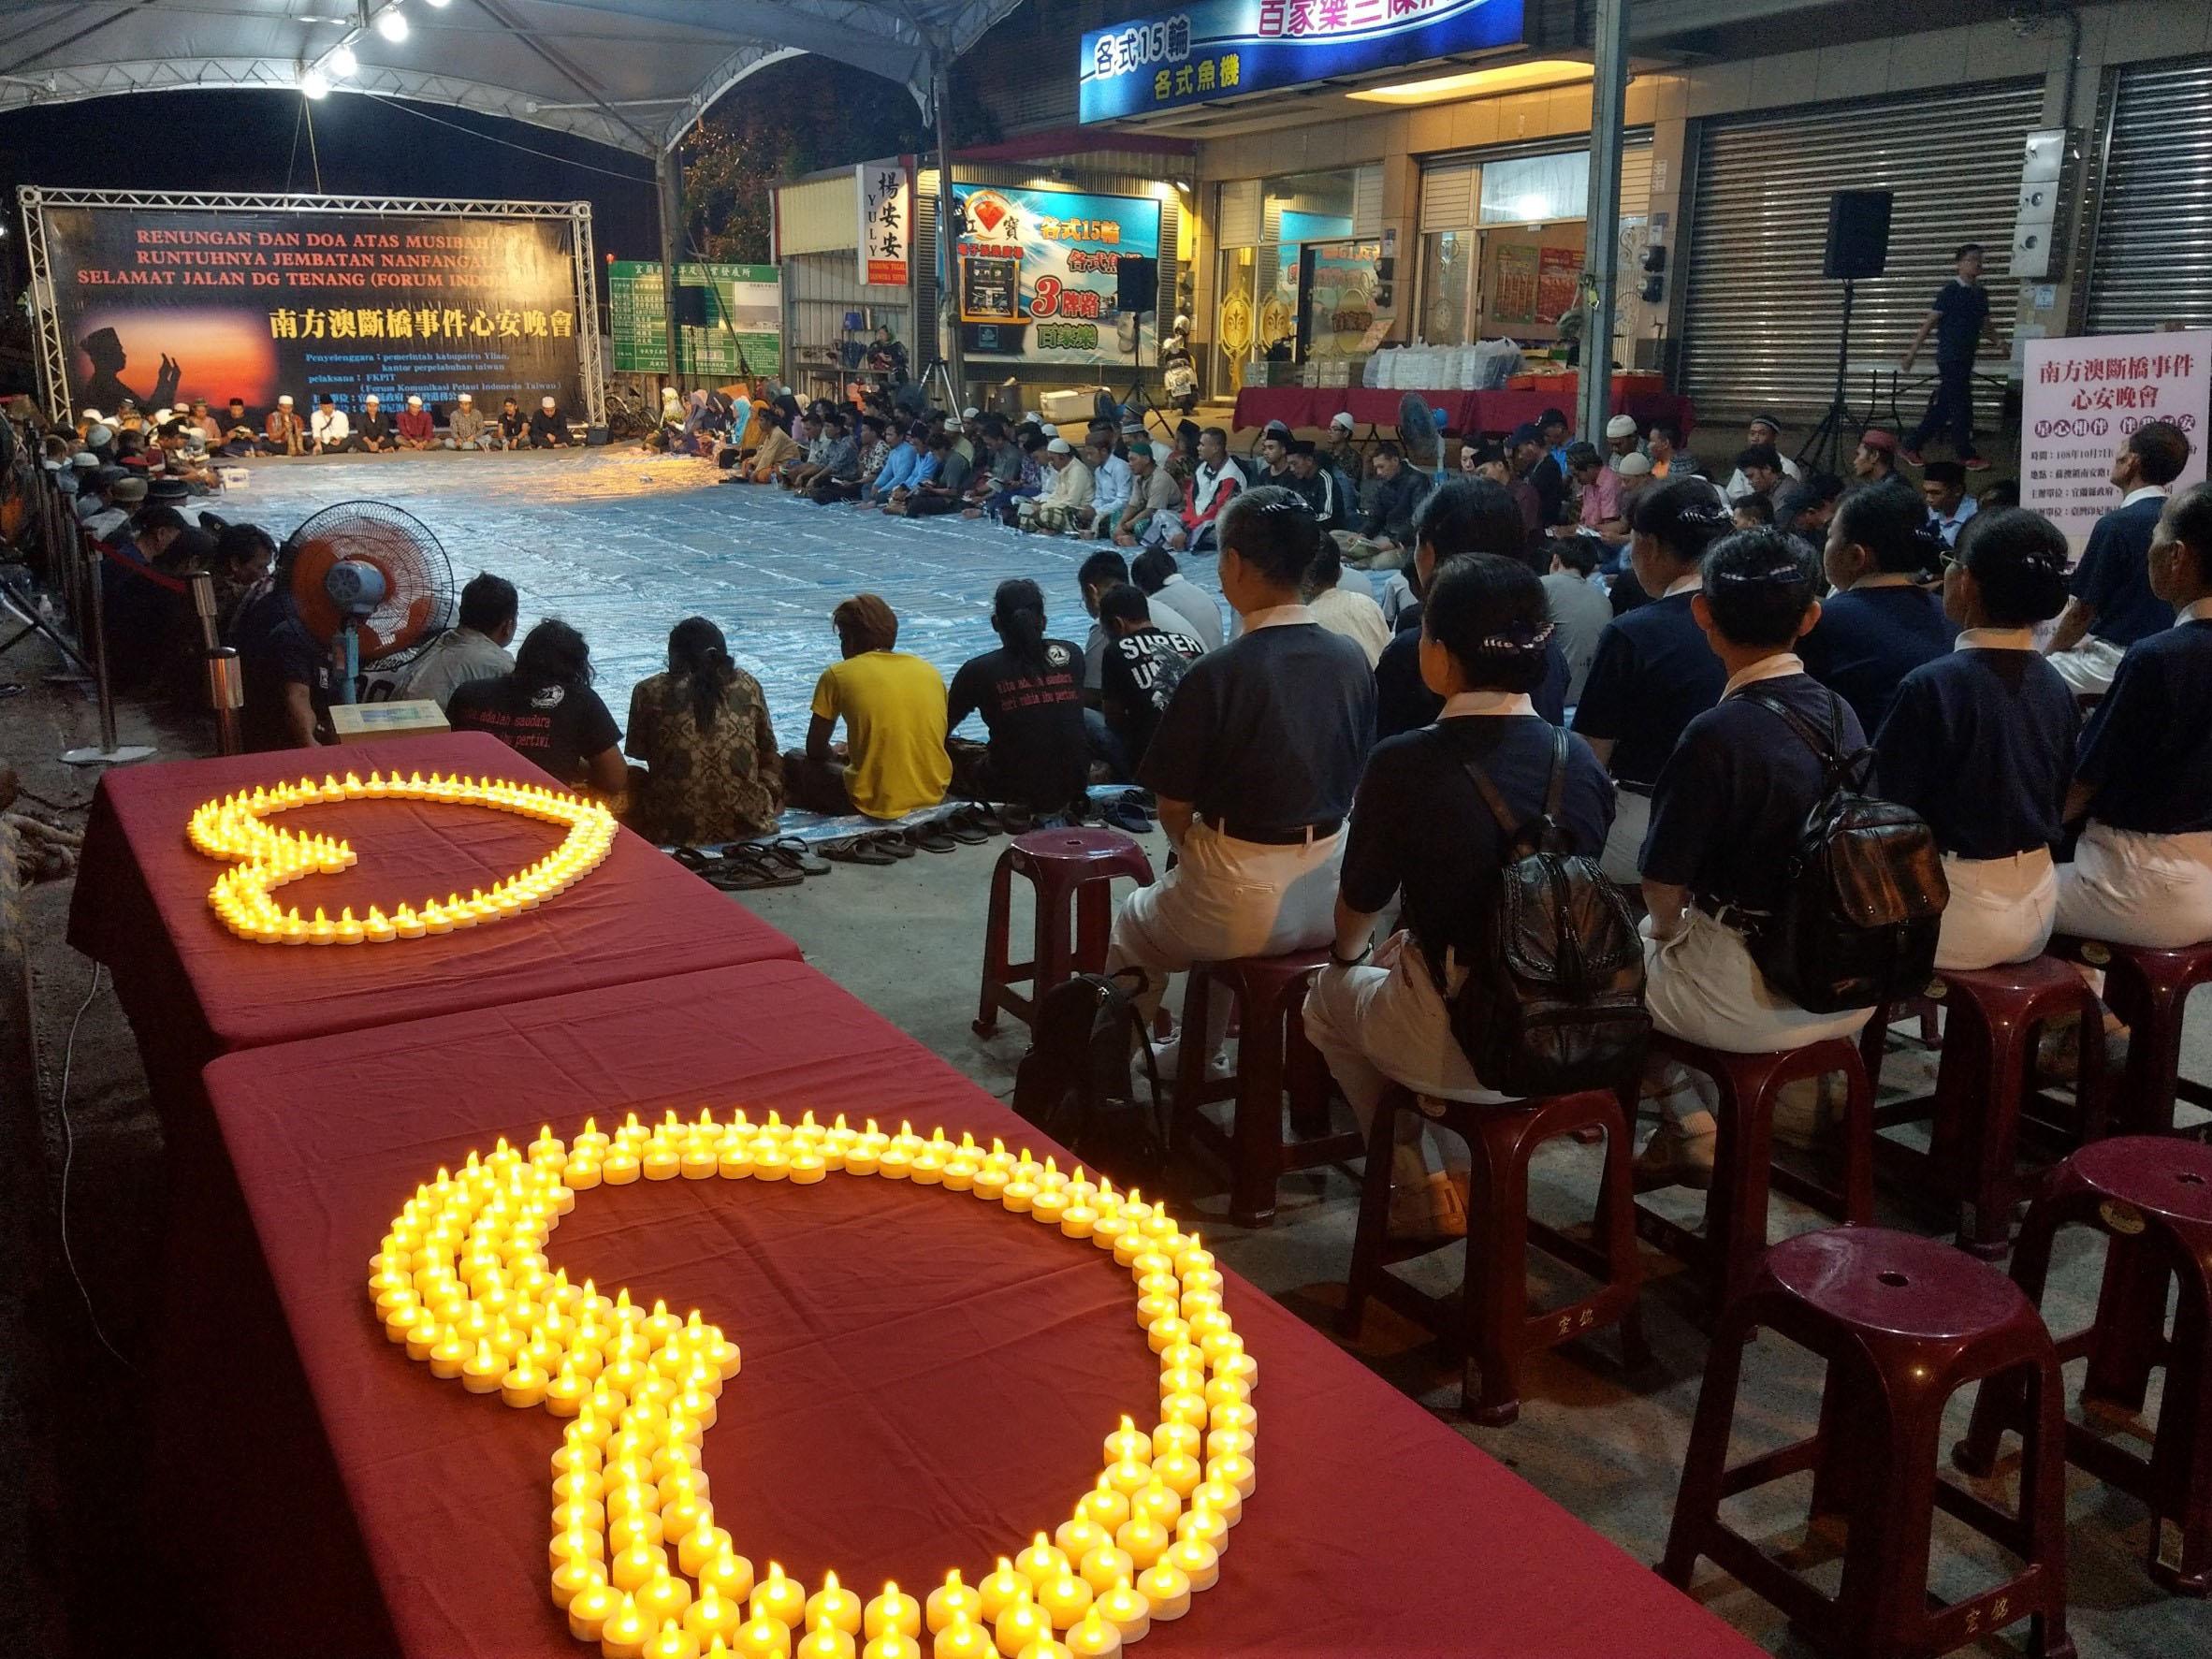 10月7日晚上在南方澳南安路底碼頭的「星心相伴‧伴我平安」心安晚會上,5位慈科大印尼籍學生與30位慈濟志工參與祈福。(攝影:林昱助)